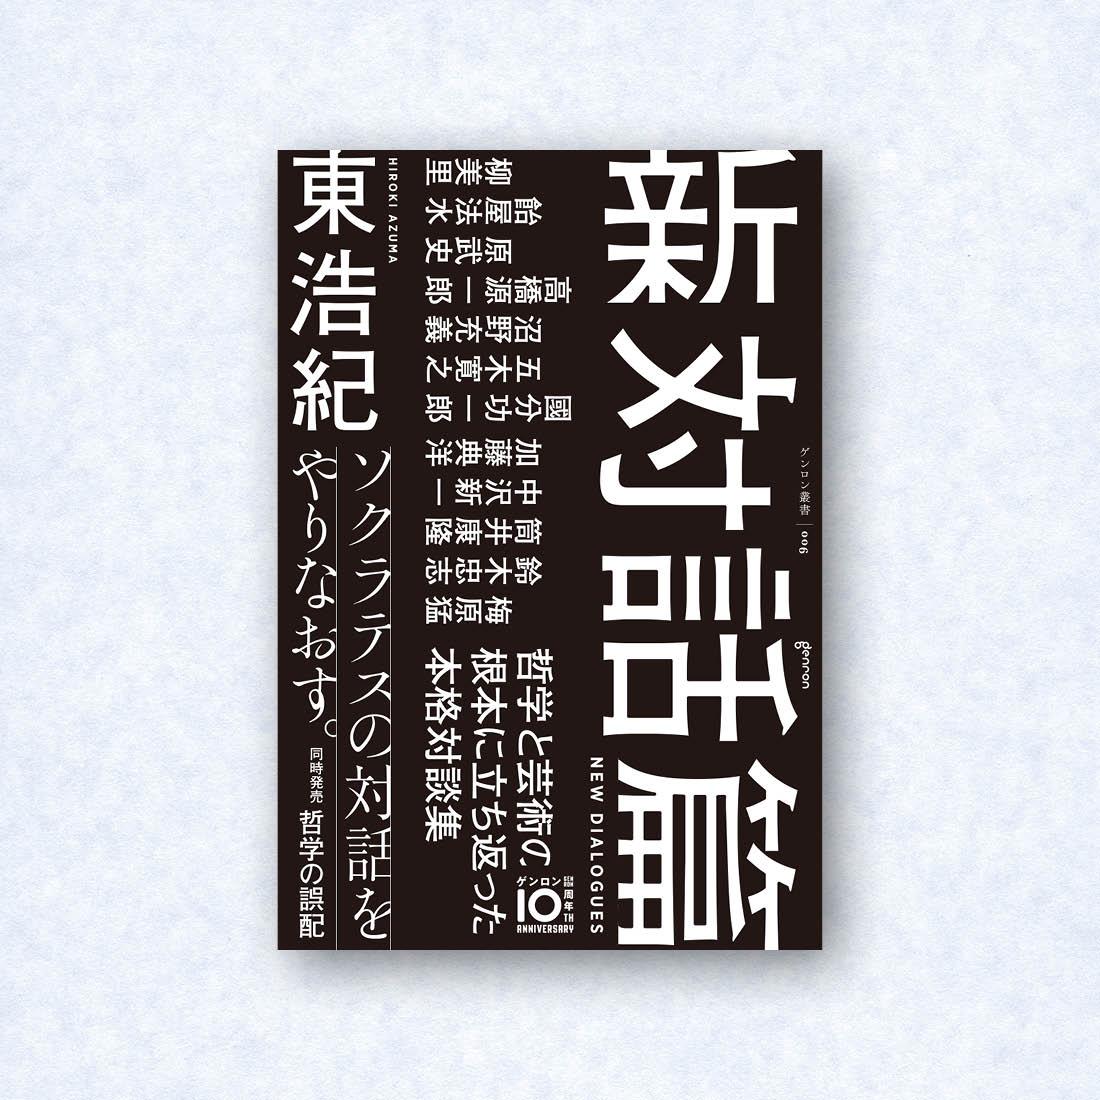 ゲンロン叢書006|新対話篇